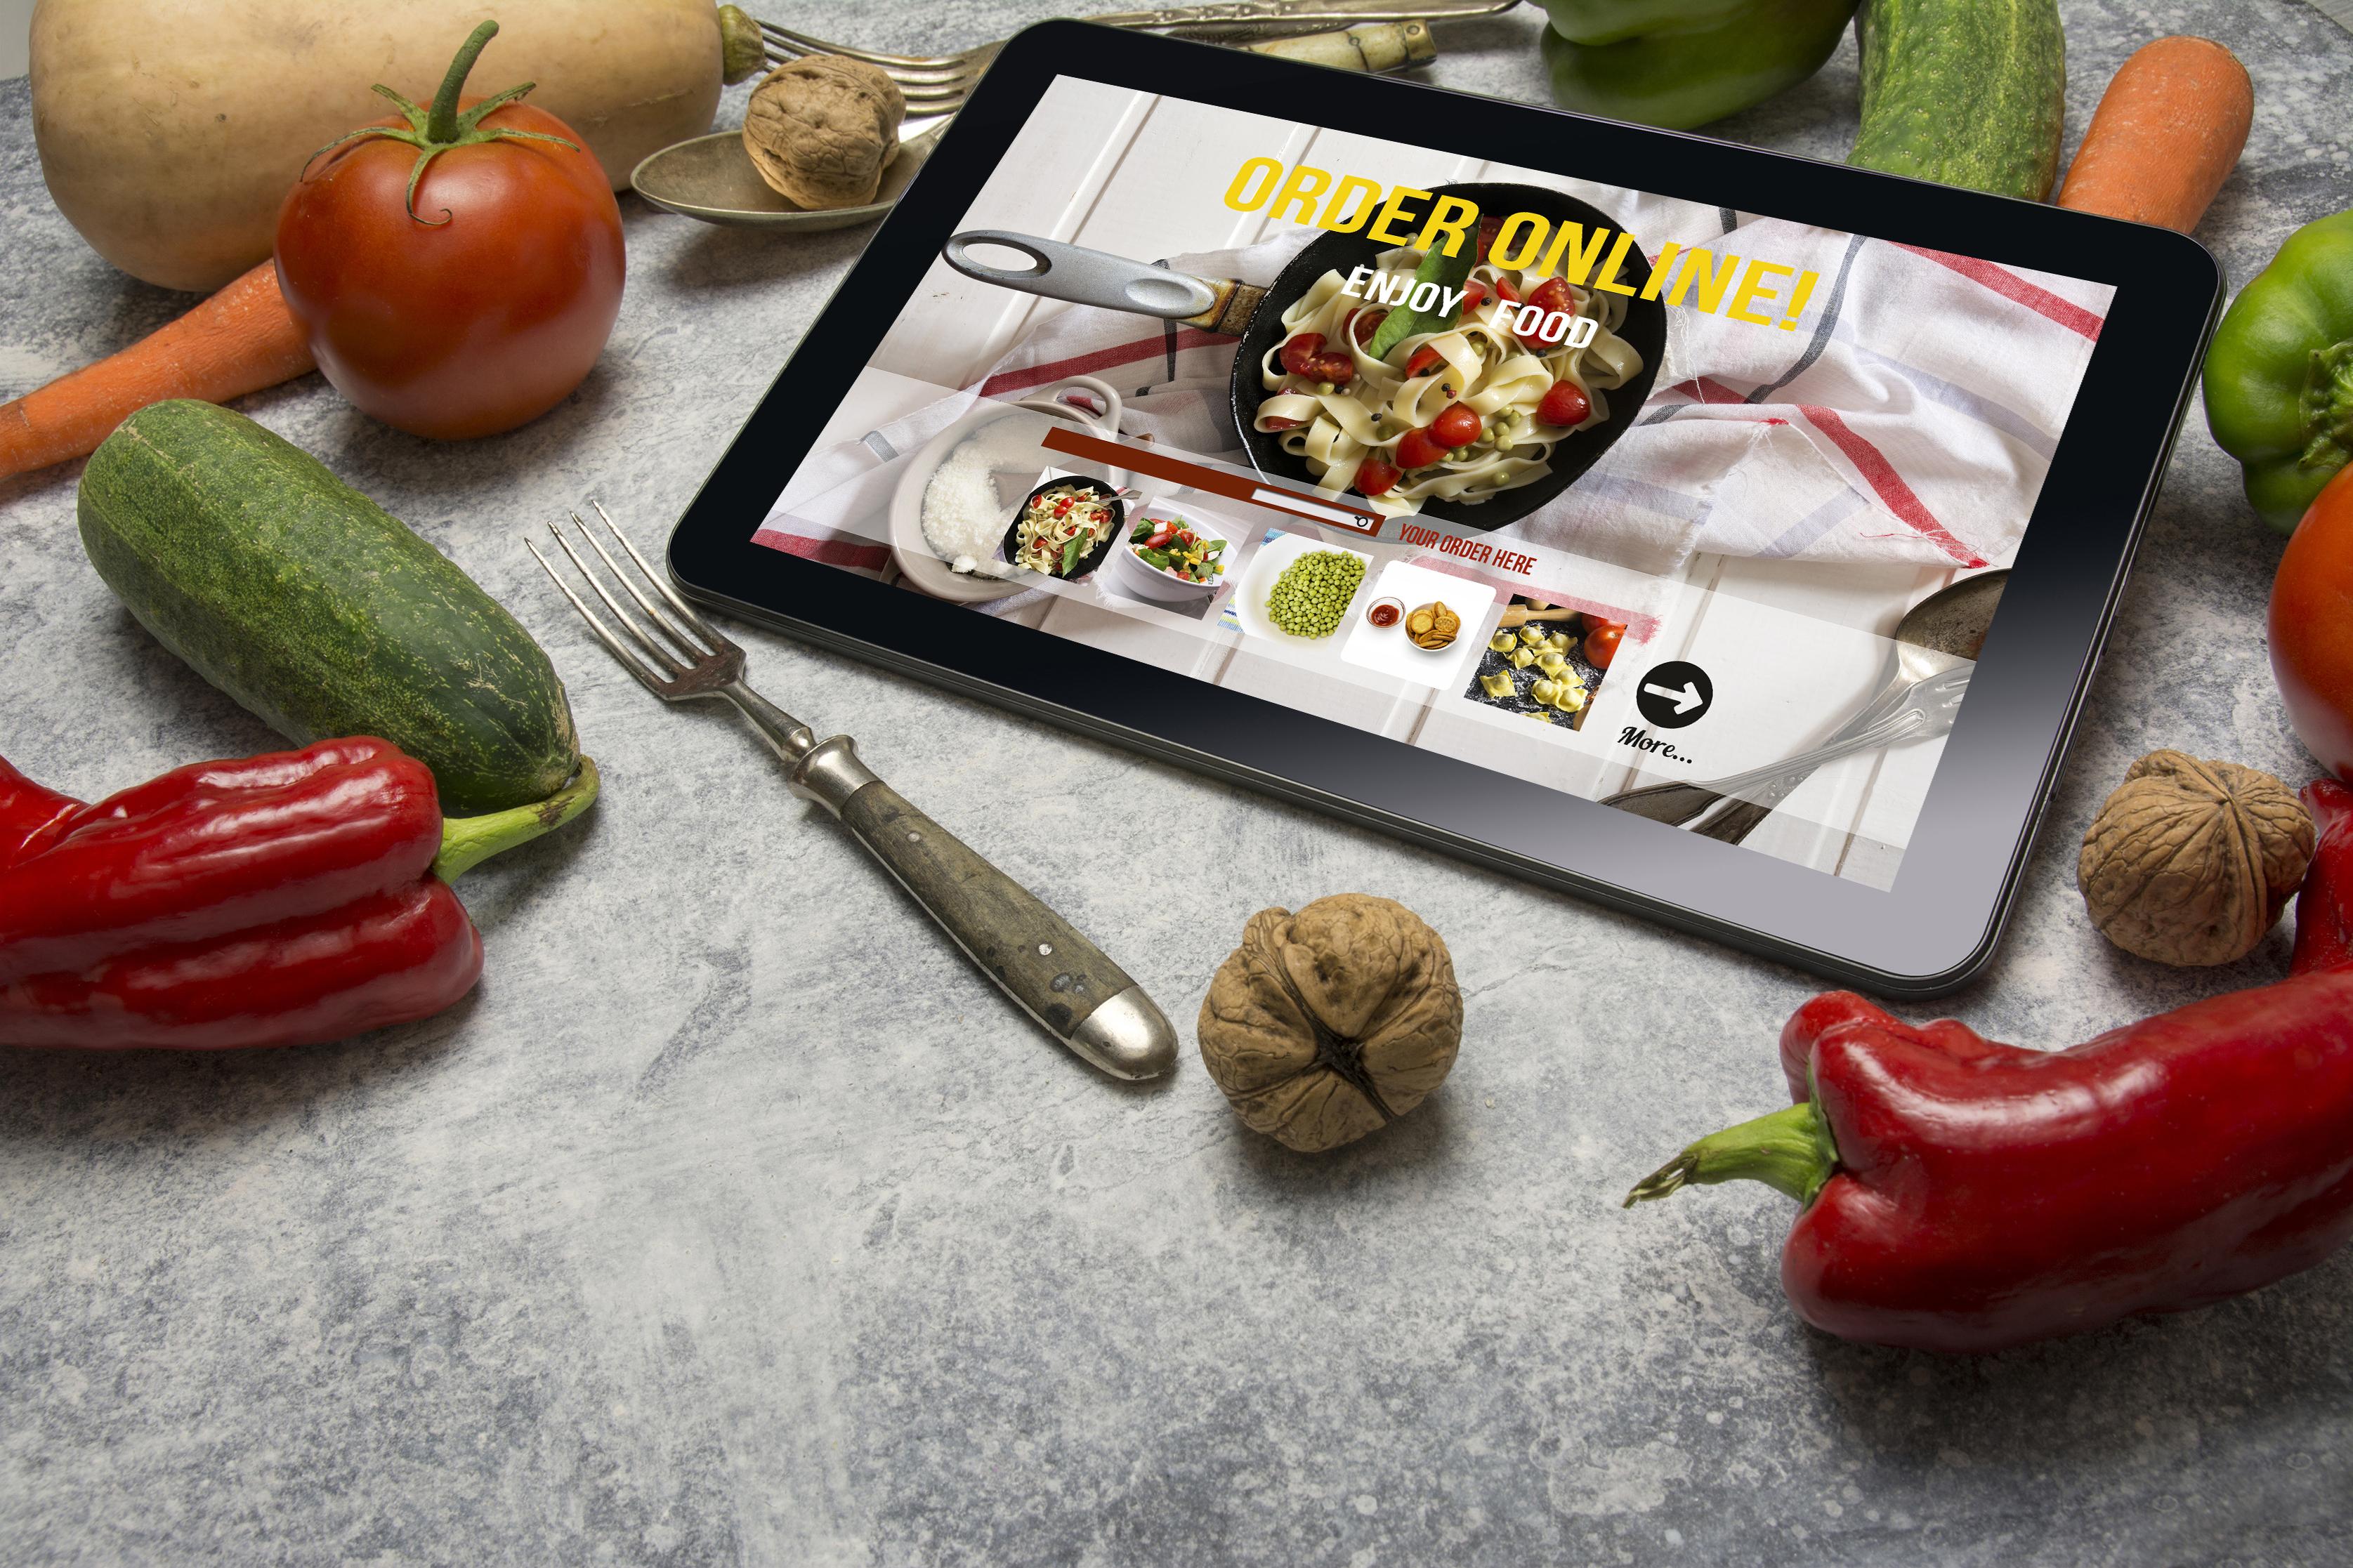 Tablet with online food ordering menu